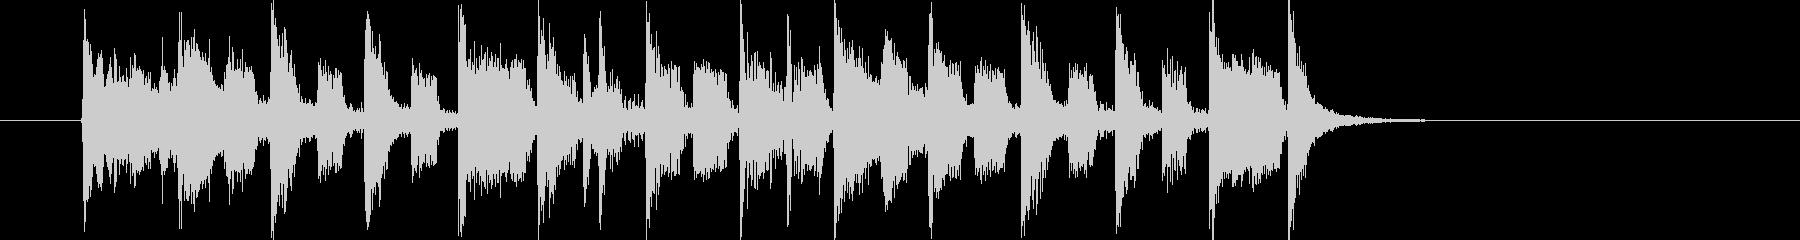 軽快なメロディの洋楽ポップス調の未再生の波形